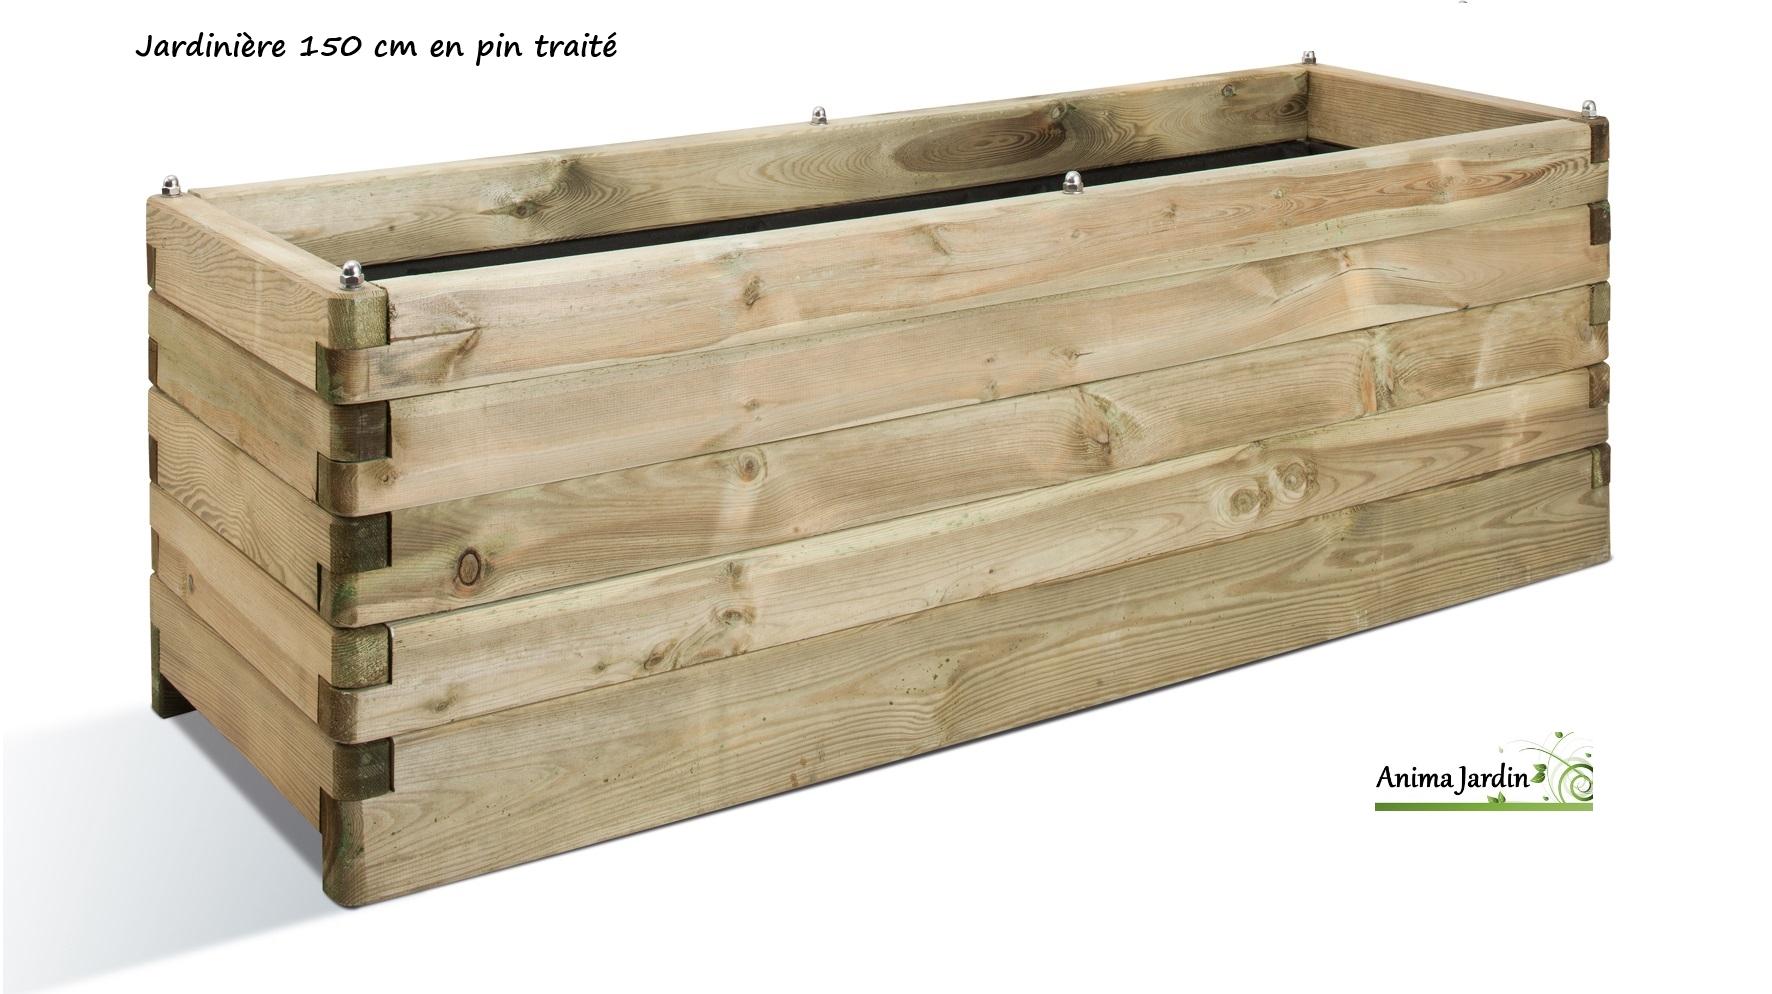 grande jardinière bois 150cm pour plantes, autoclave, achat/vente